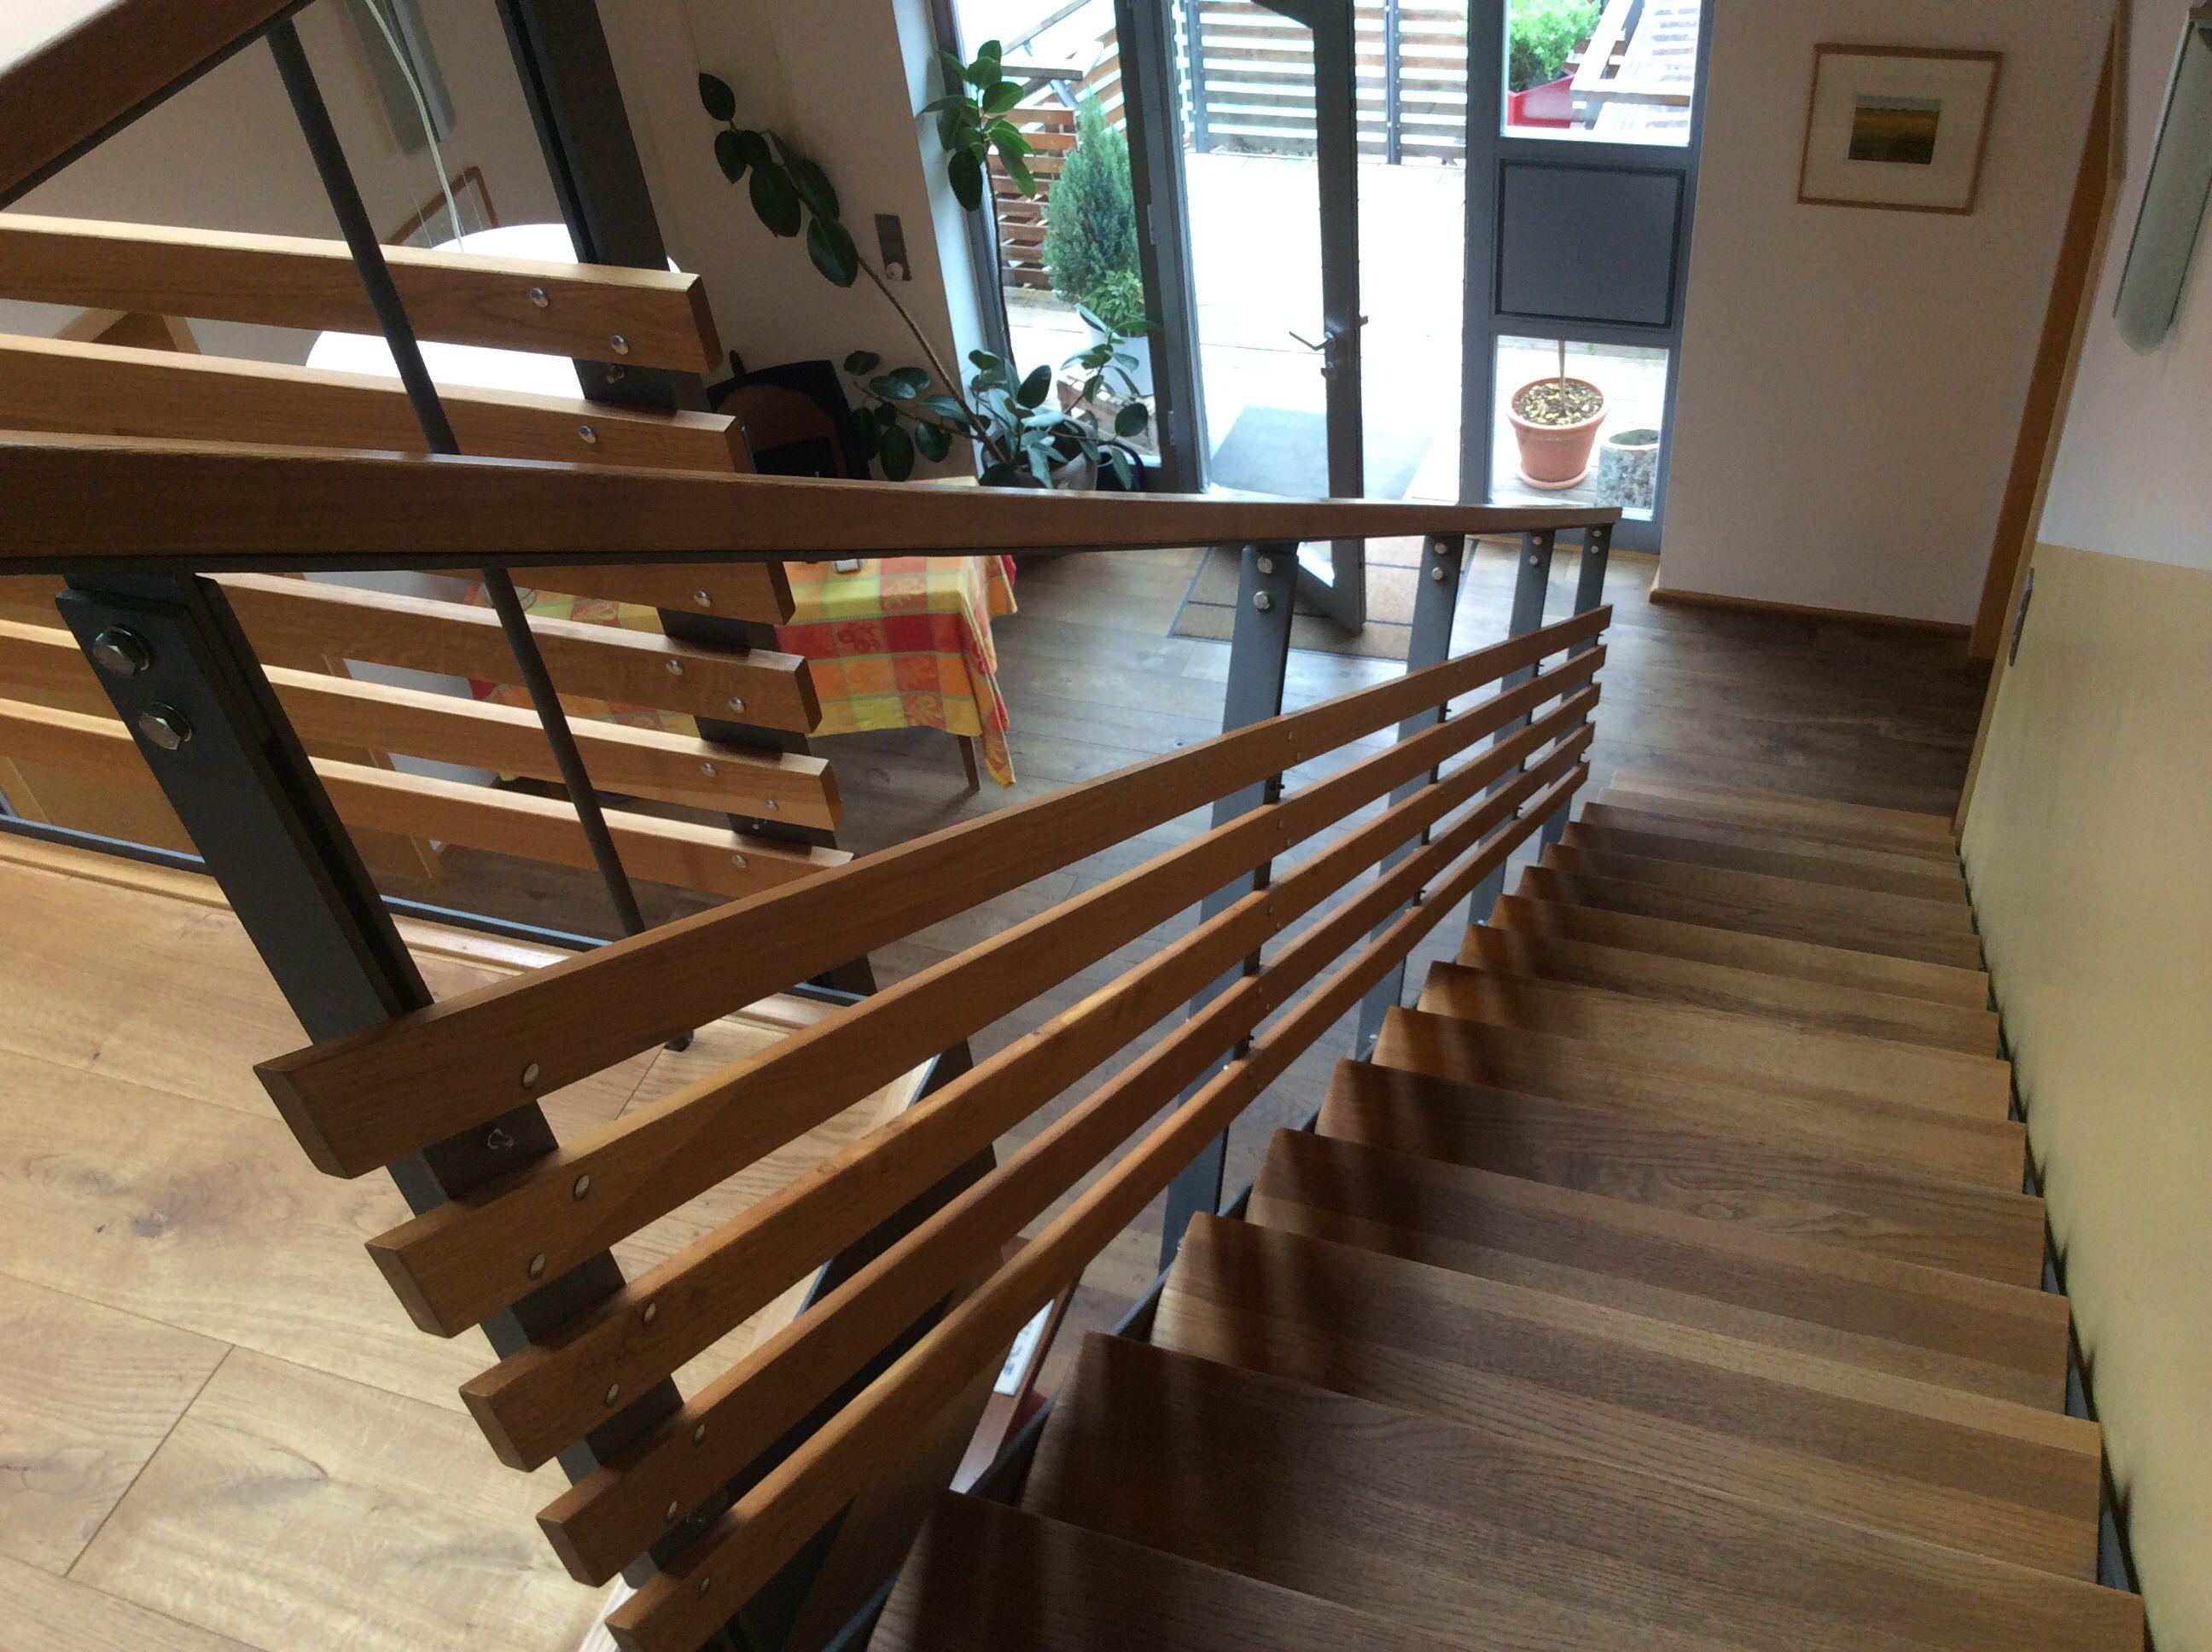 Holz Gelander Innen Modern Das Perfekte Treppengelander Fur Innen